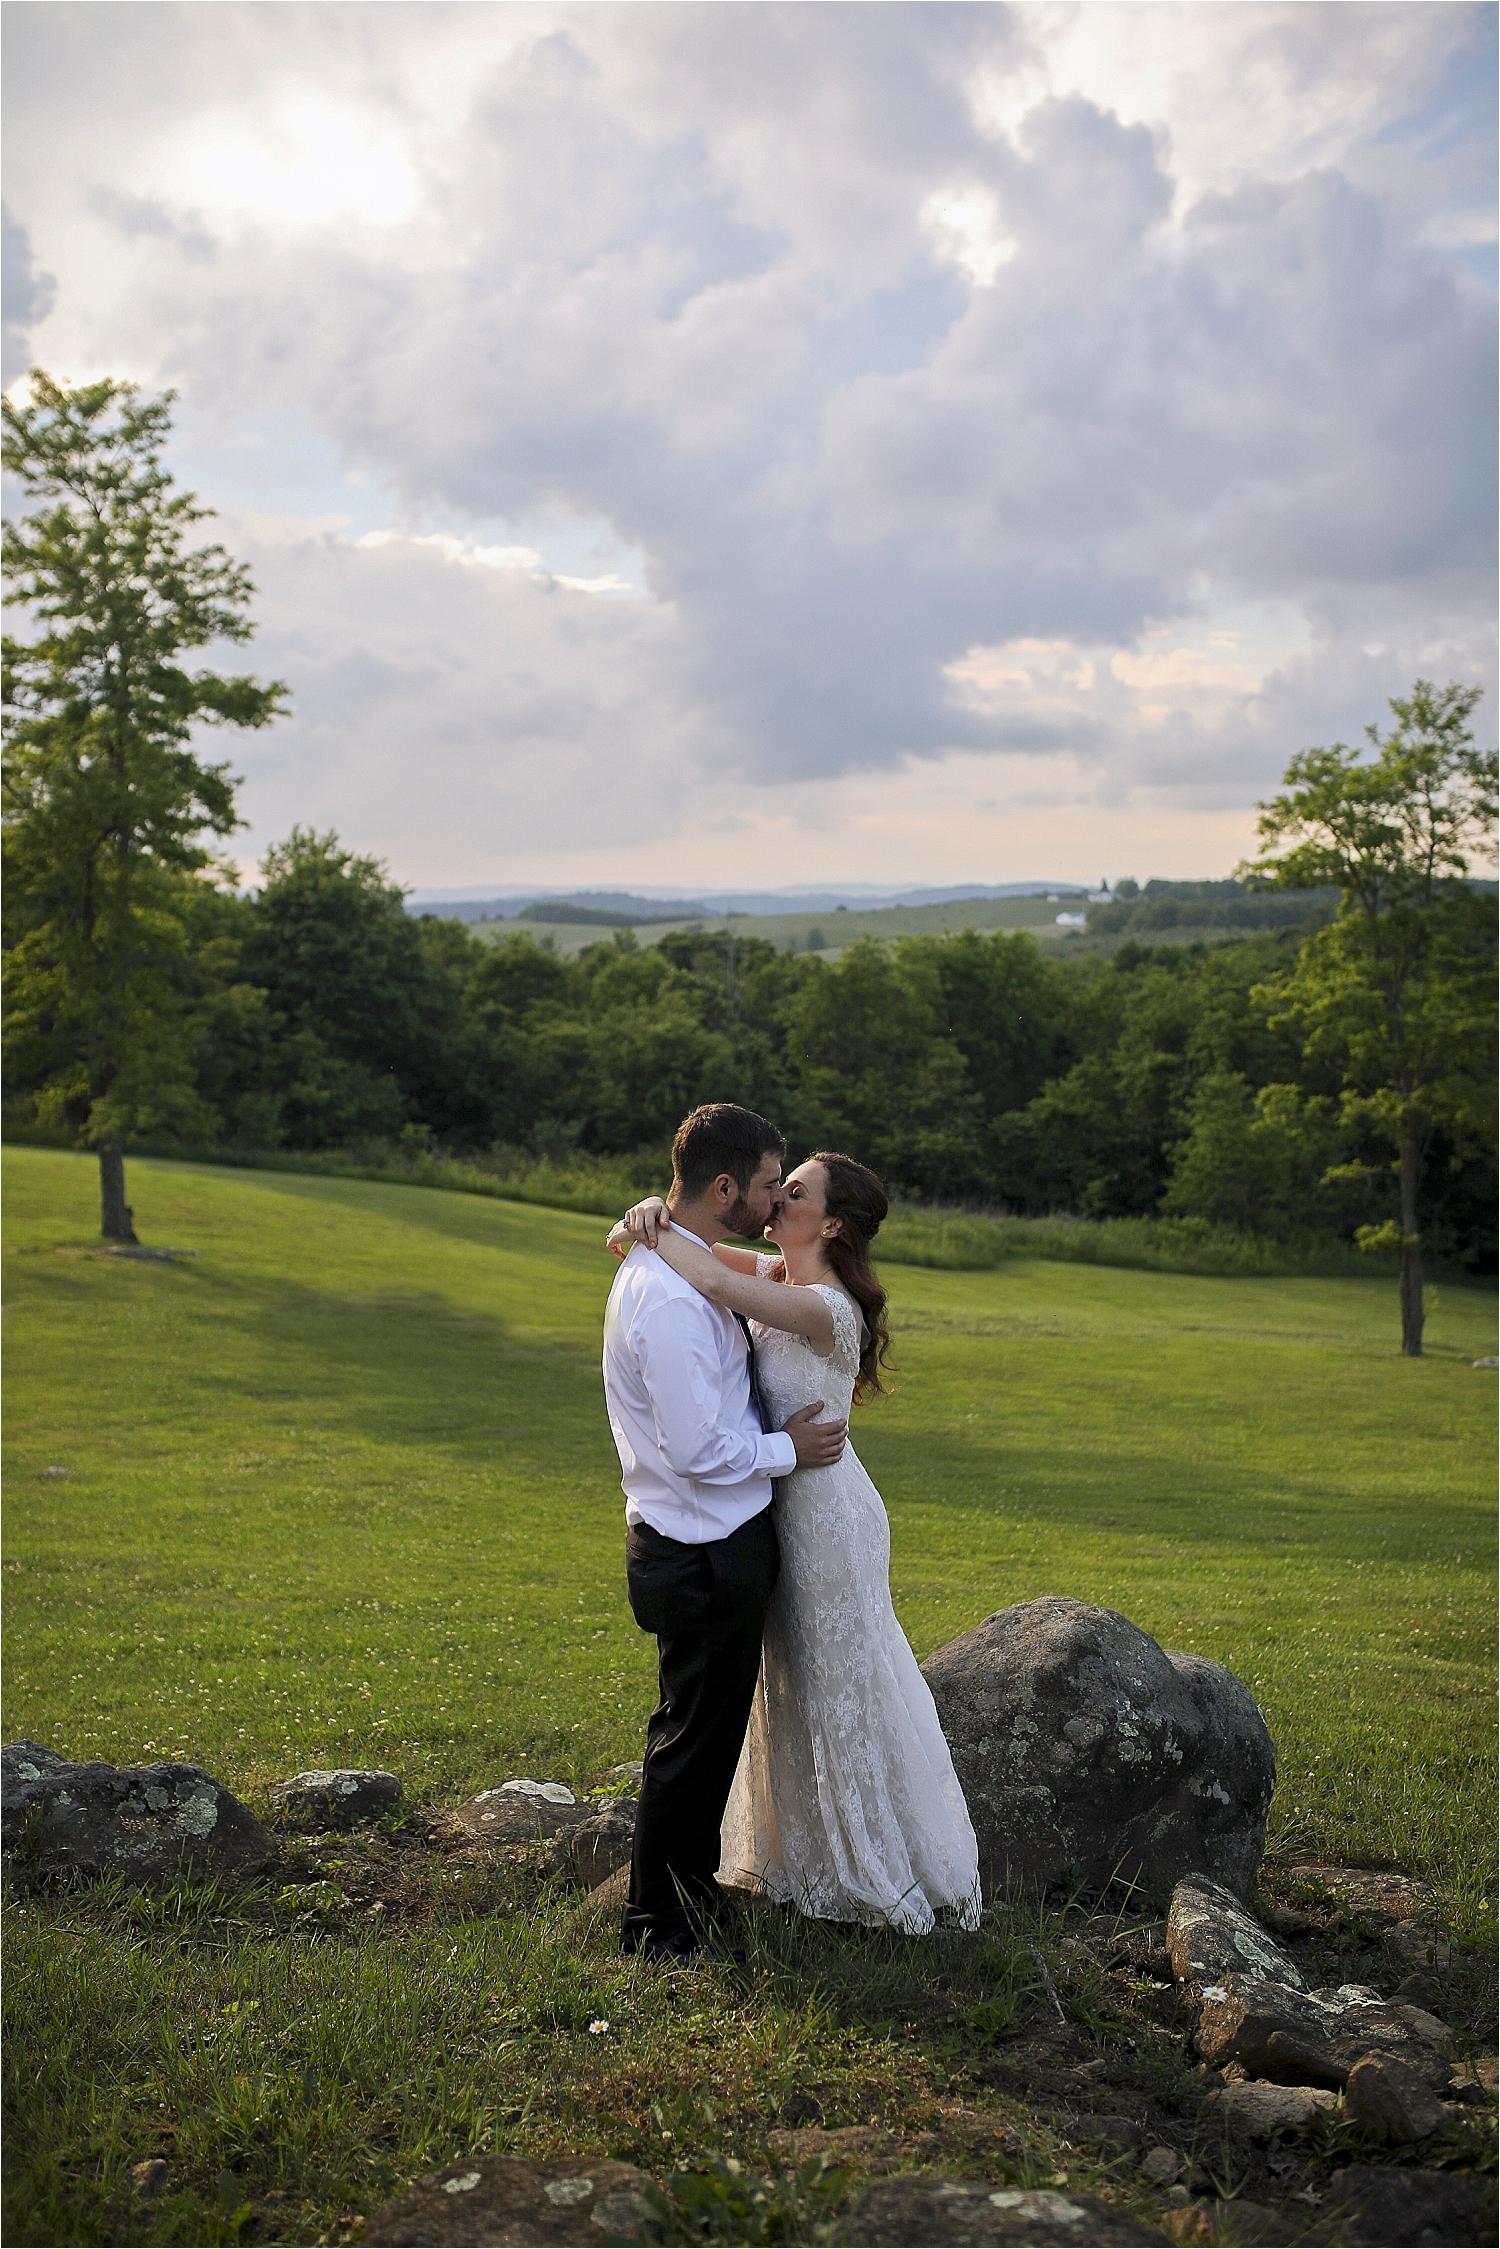 Chateau-Morrisette-Winery-Vineyard-Virginia-Wedding-Photos-_0029.jpg